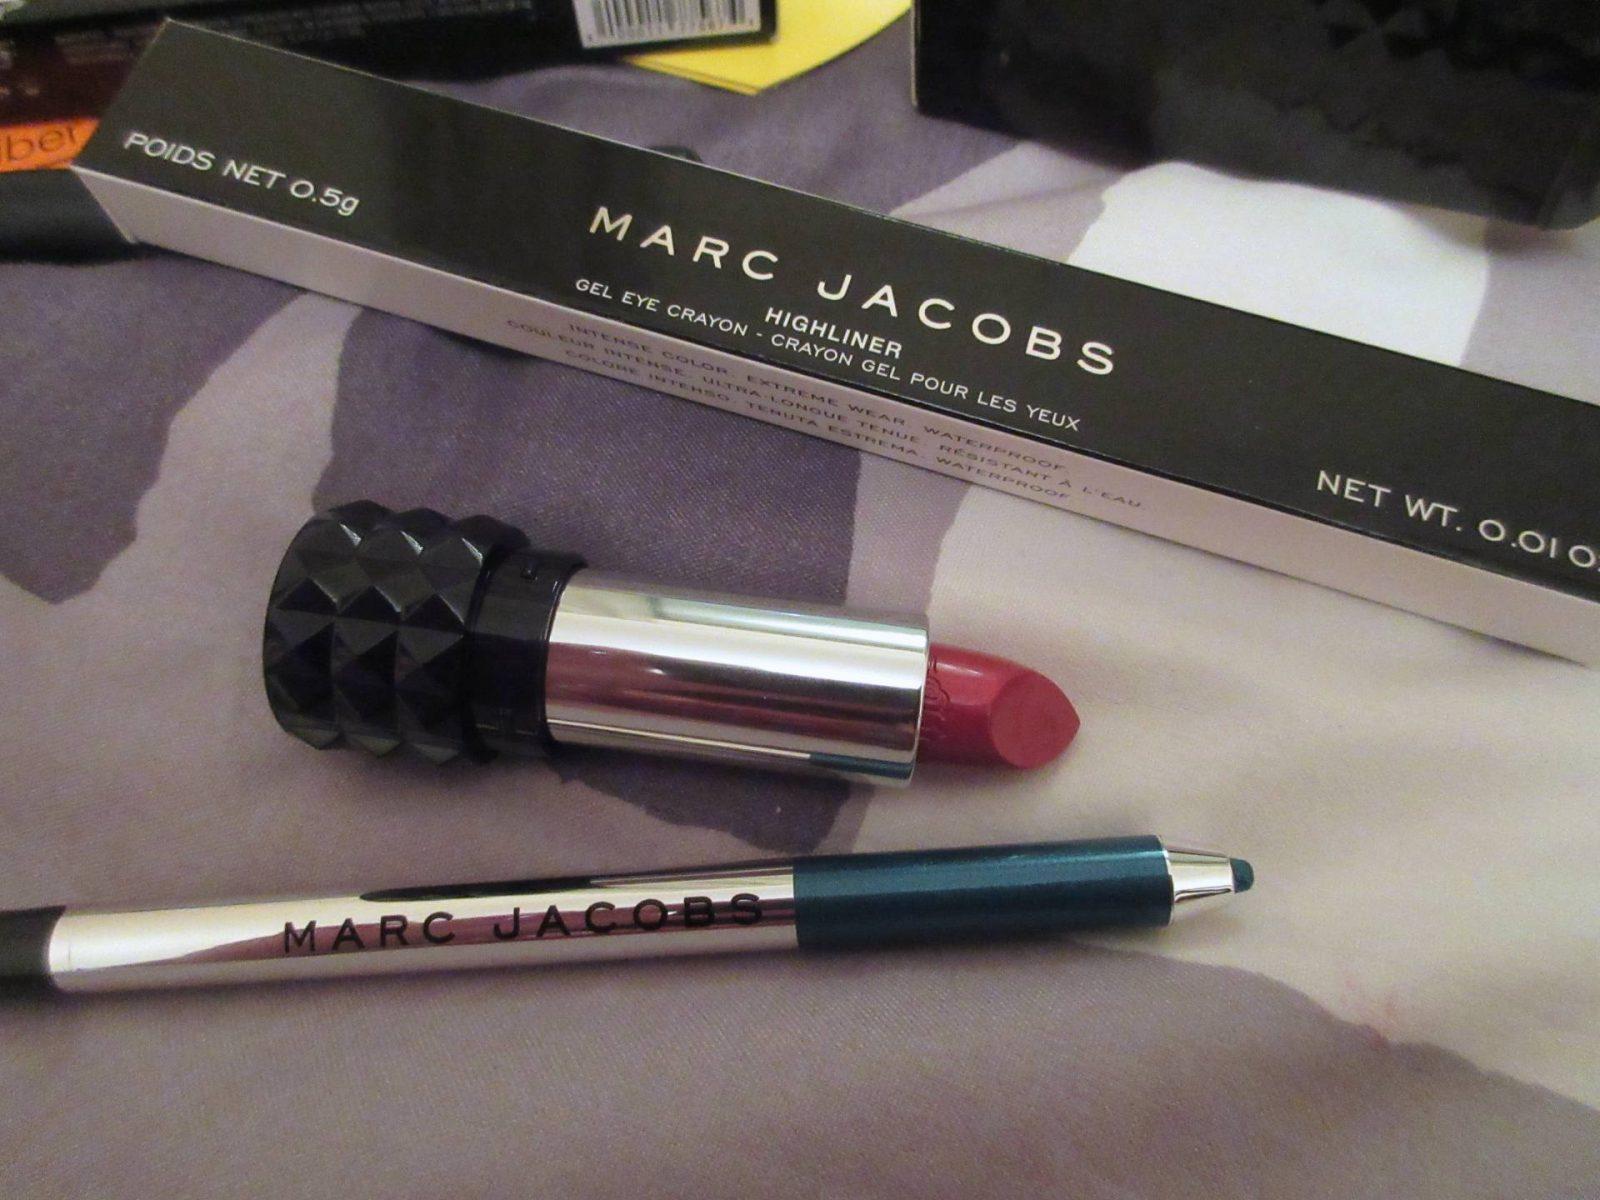 Dubai Malls - Kat Von D and Marc Jacobs